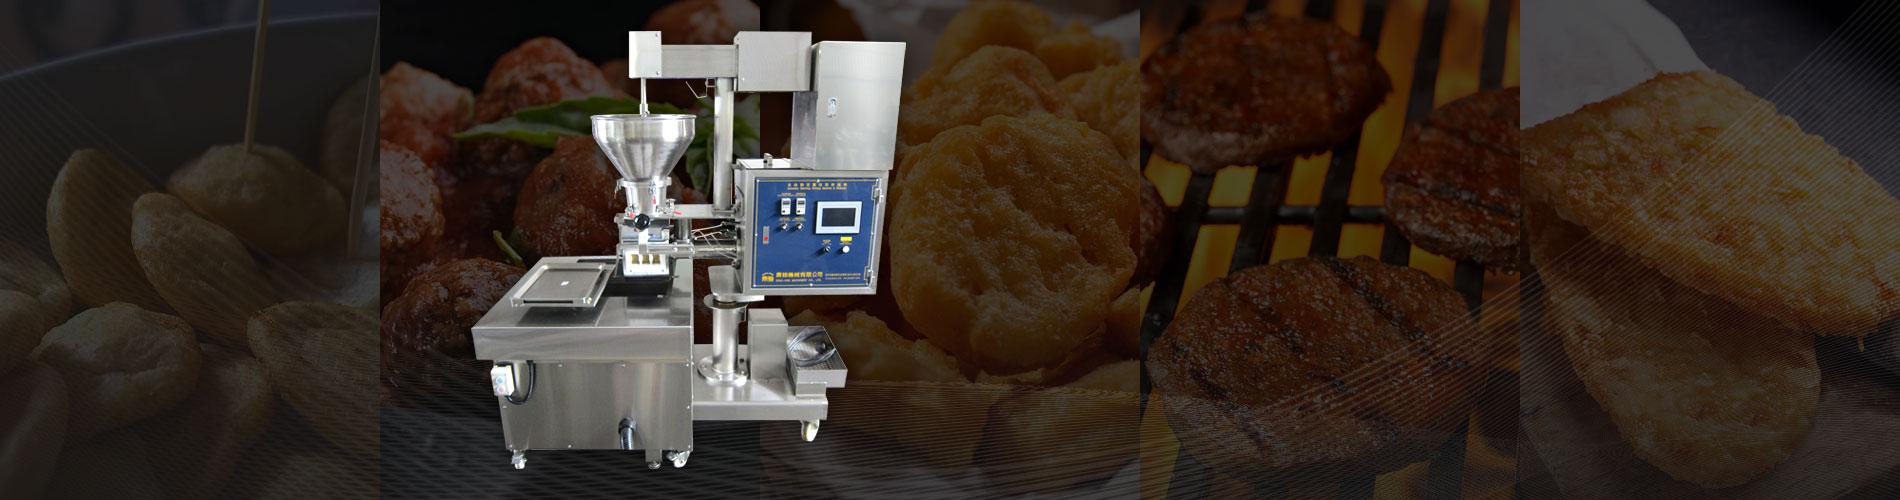 Nourriture Machine de formage